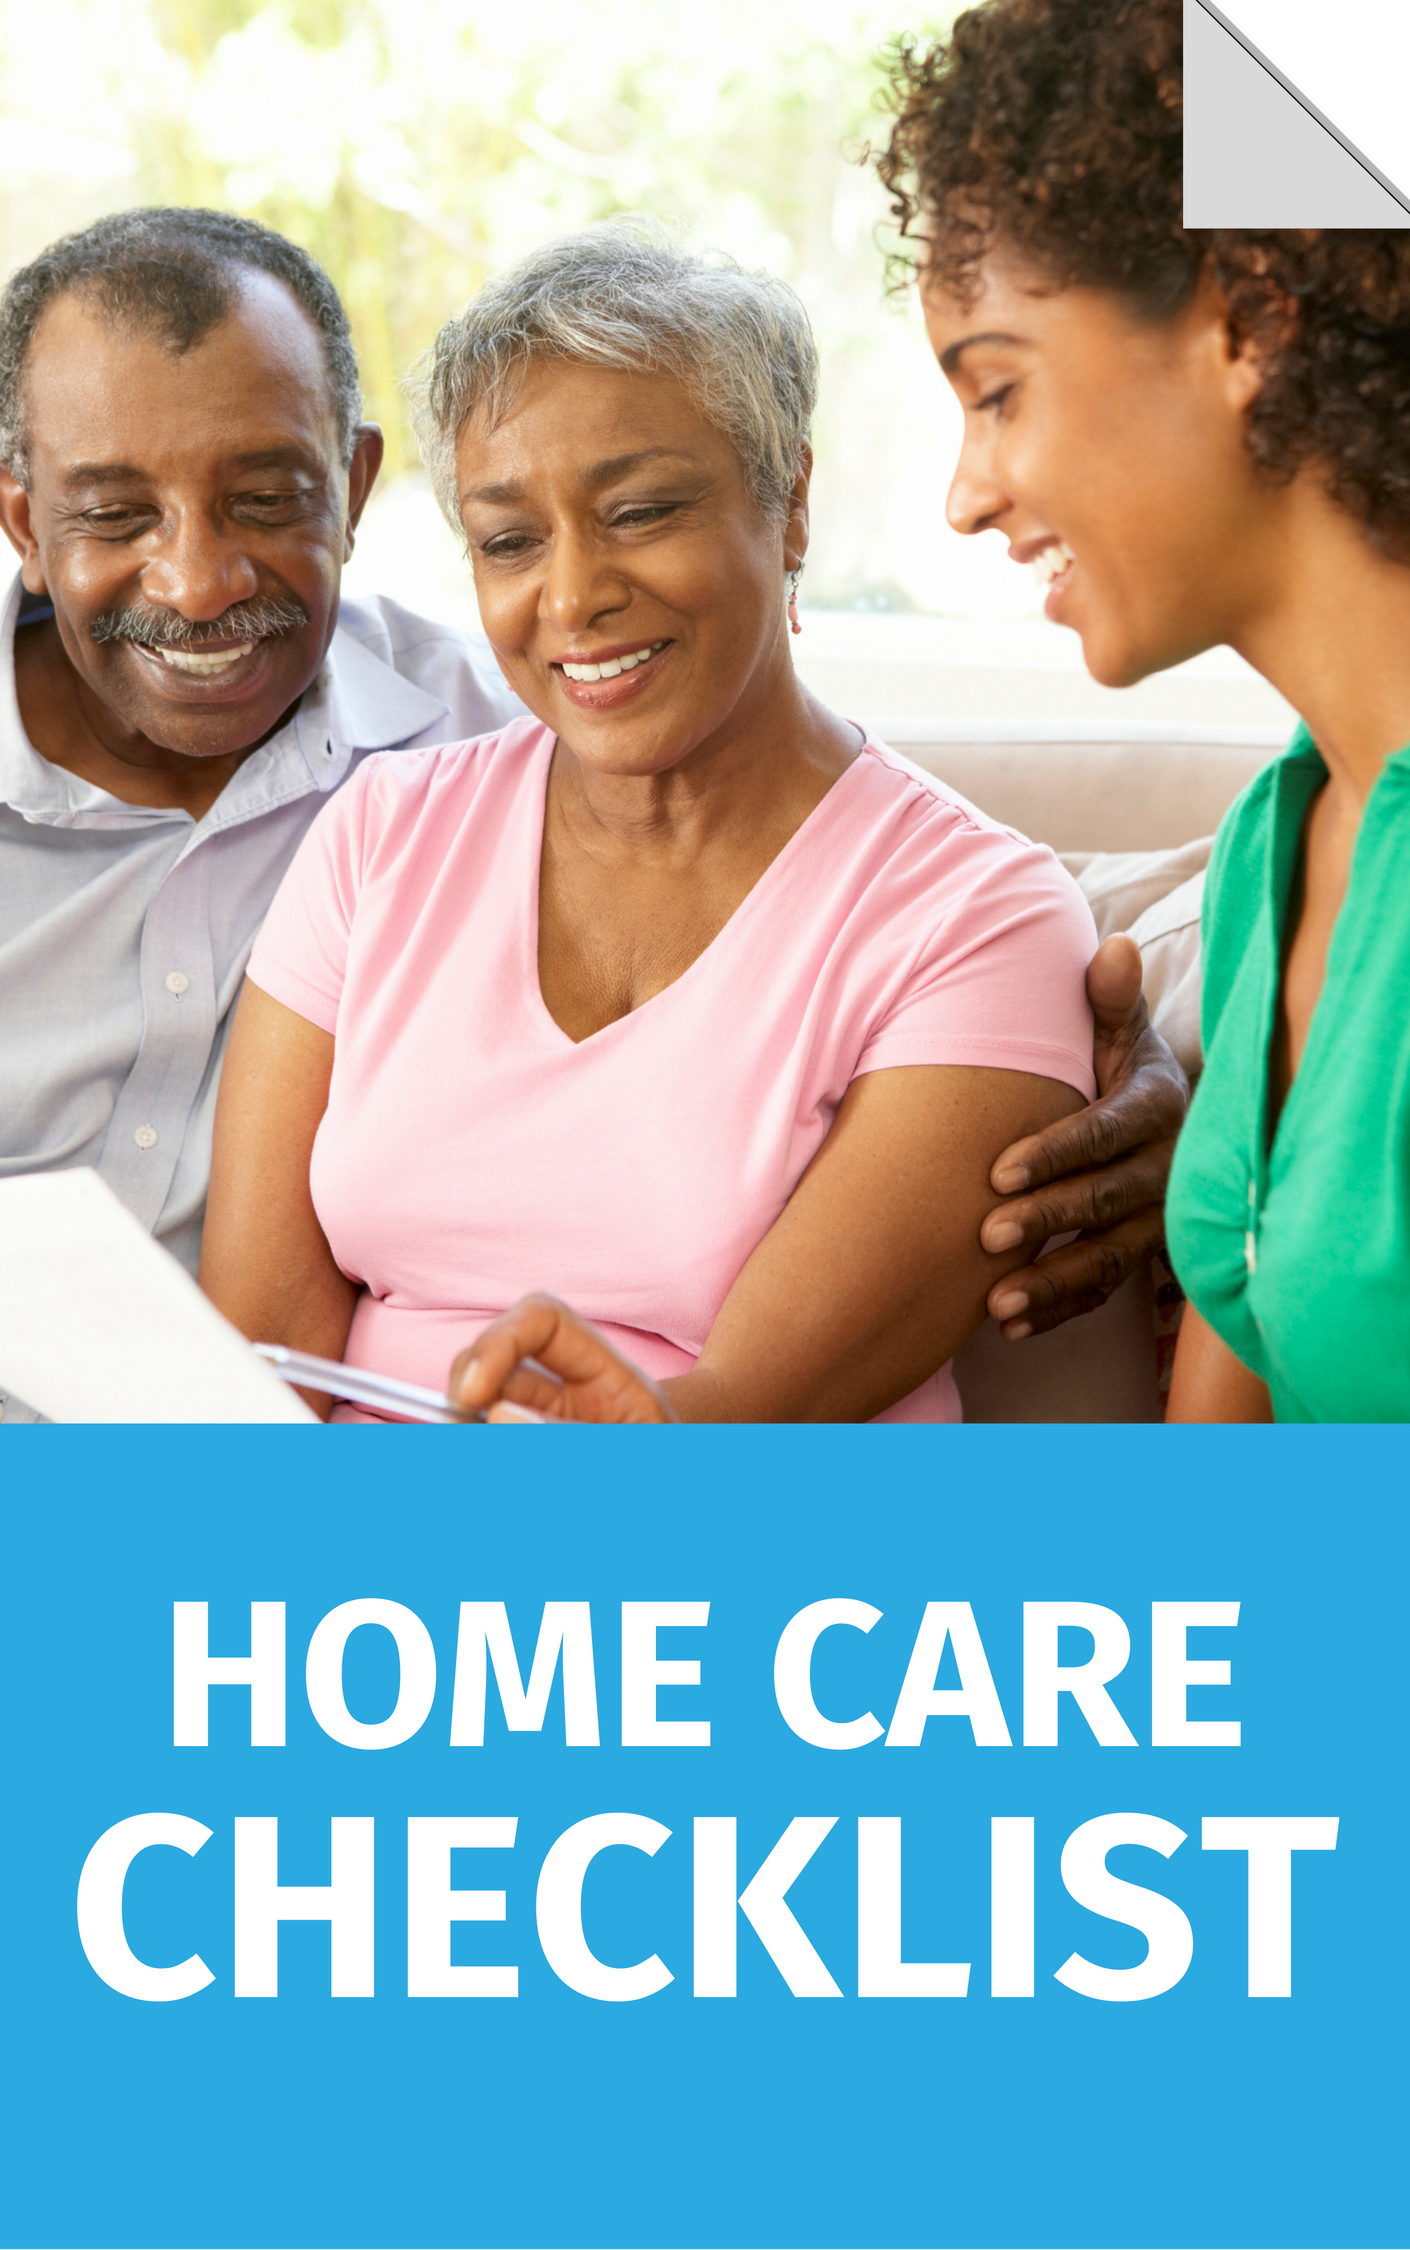 Home Care Checklist